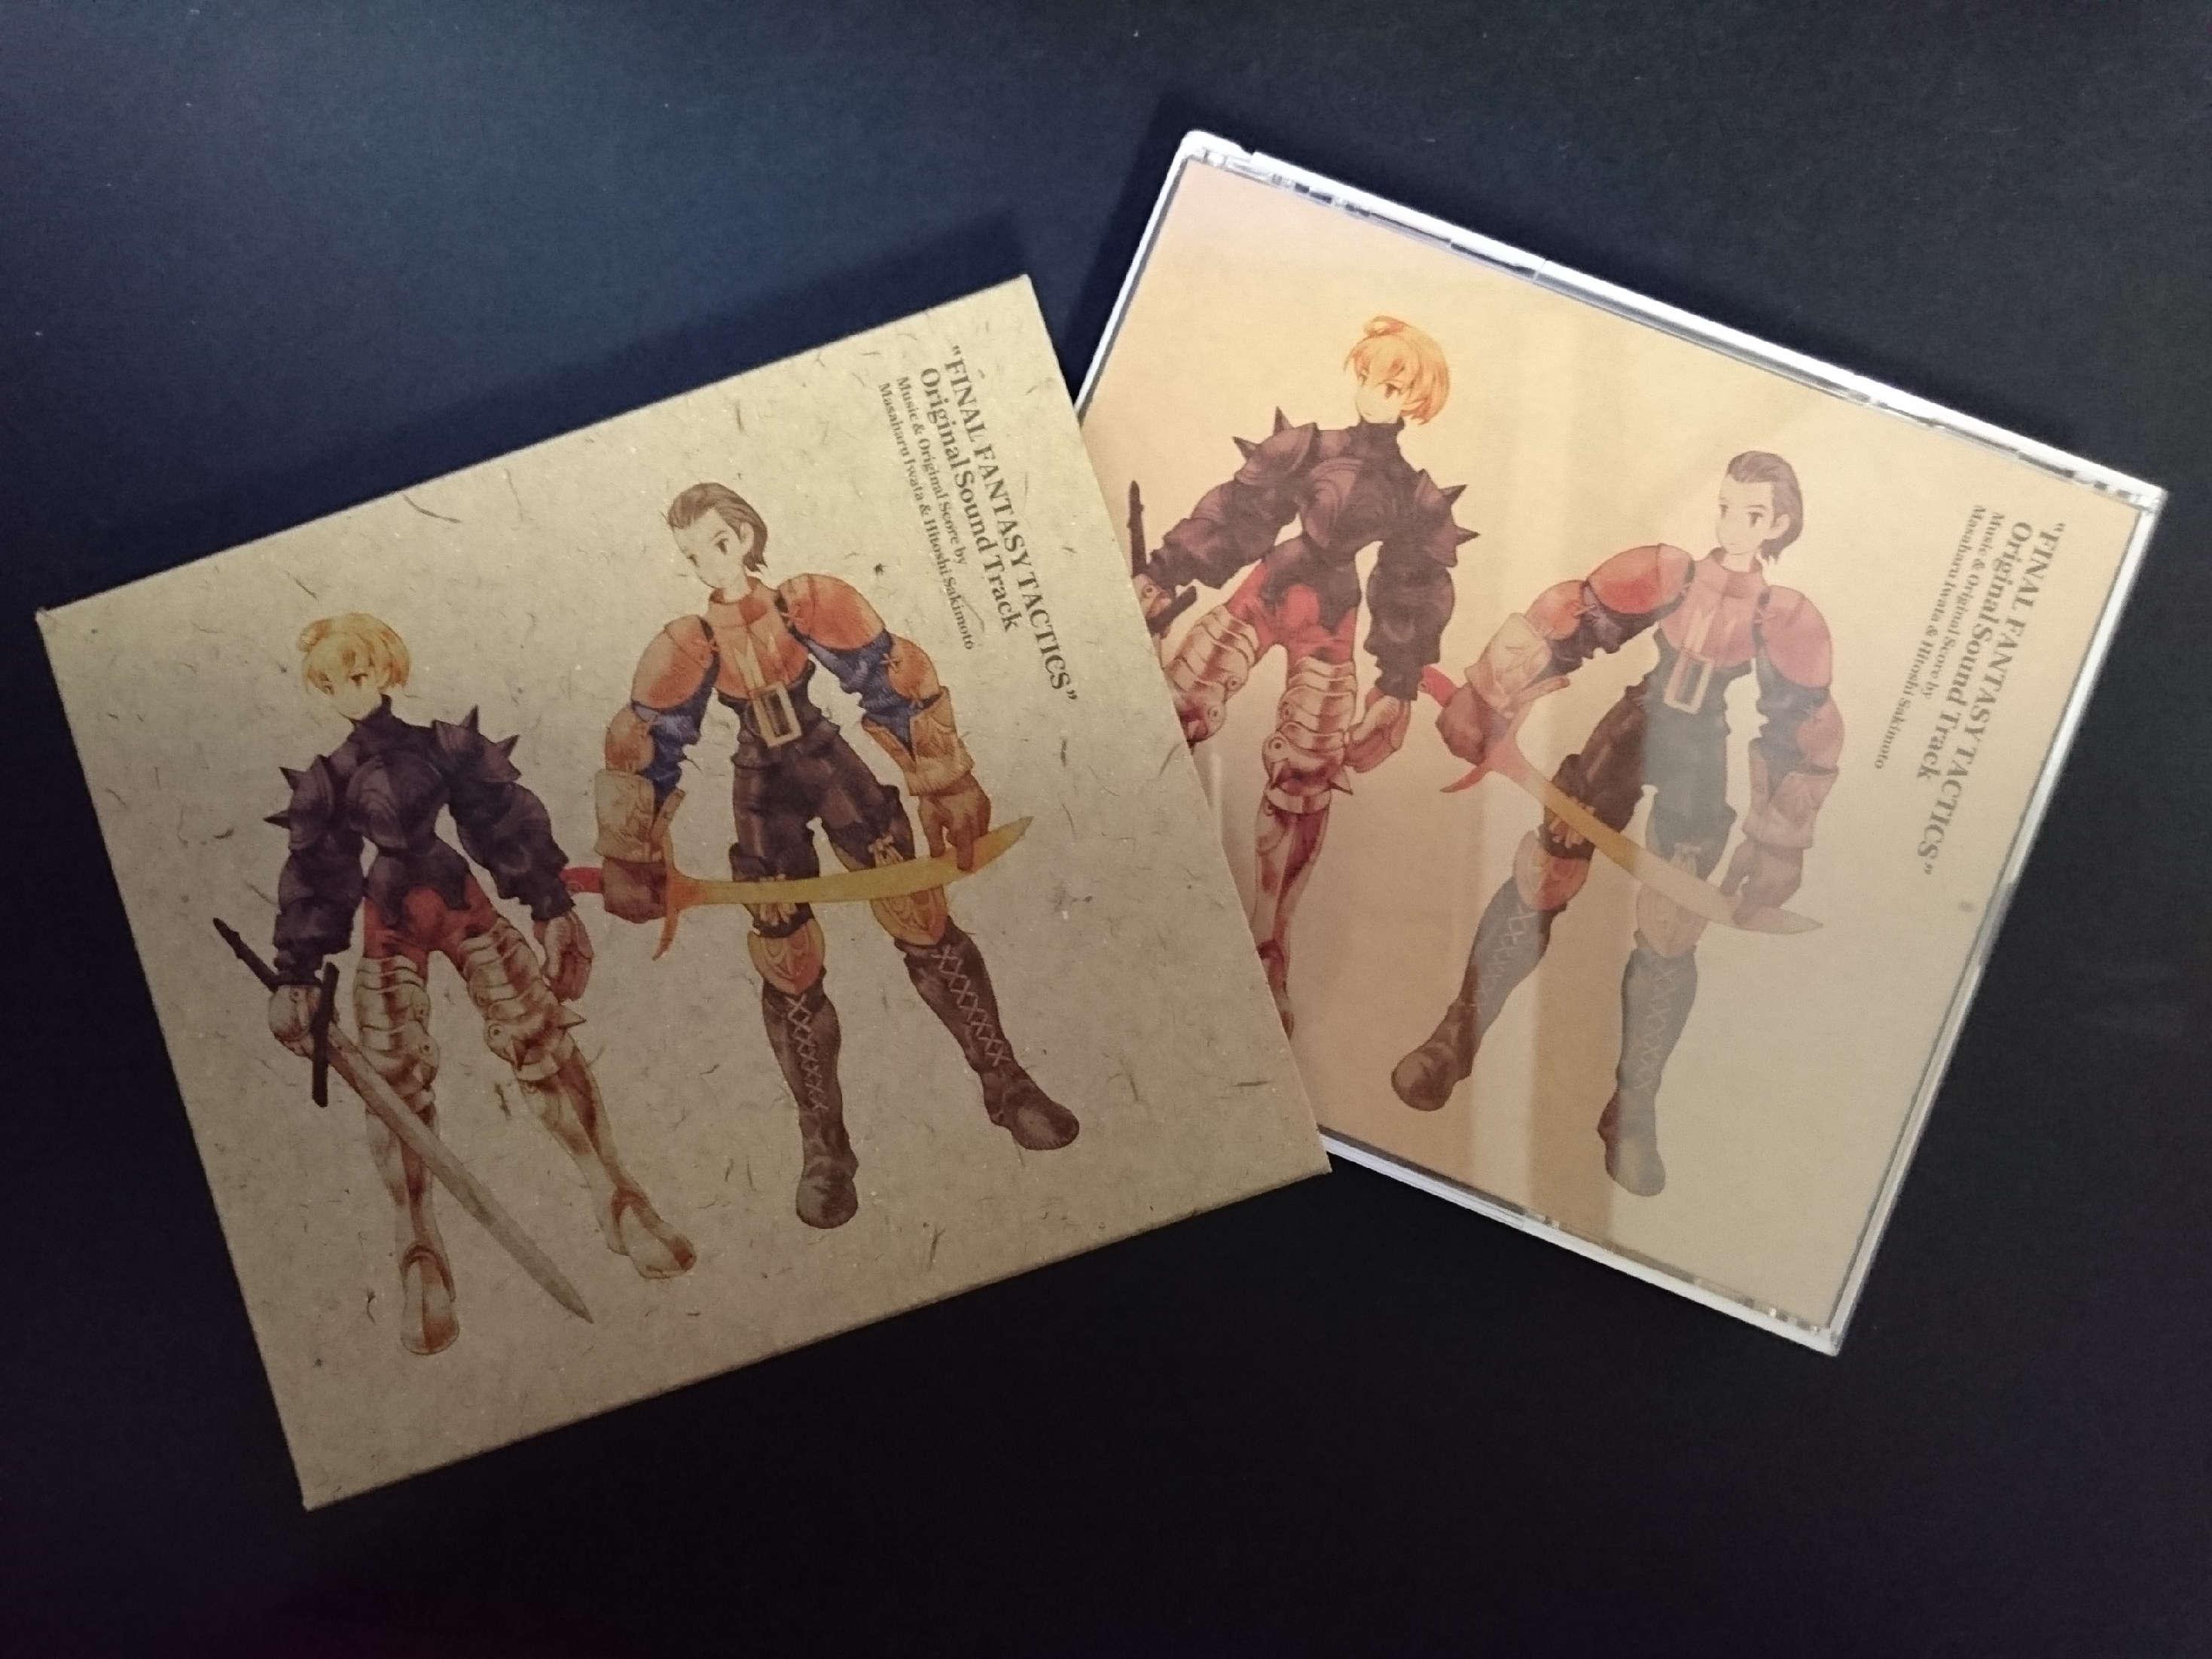 Final Fantasy Tactics ファイナルファンタジータクティクス サントラ